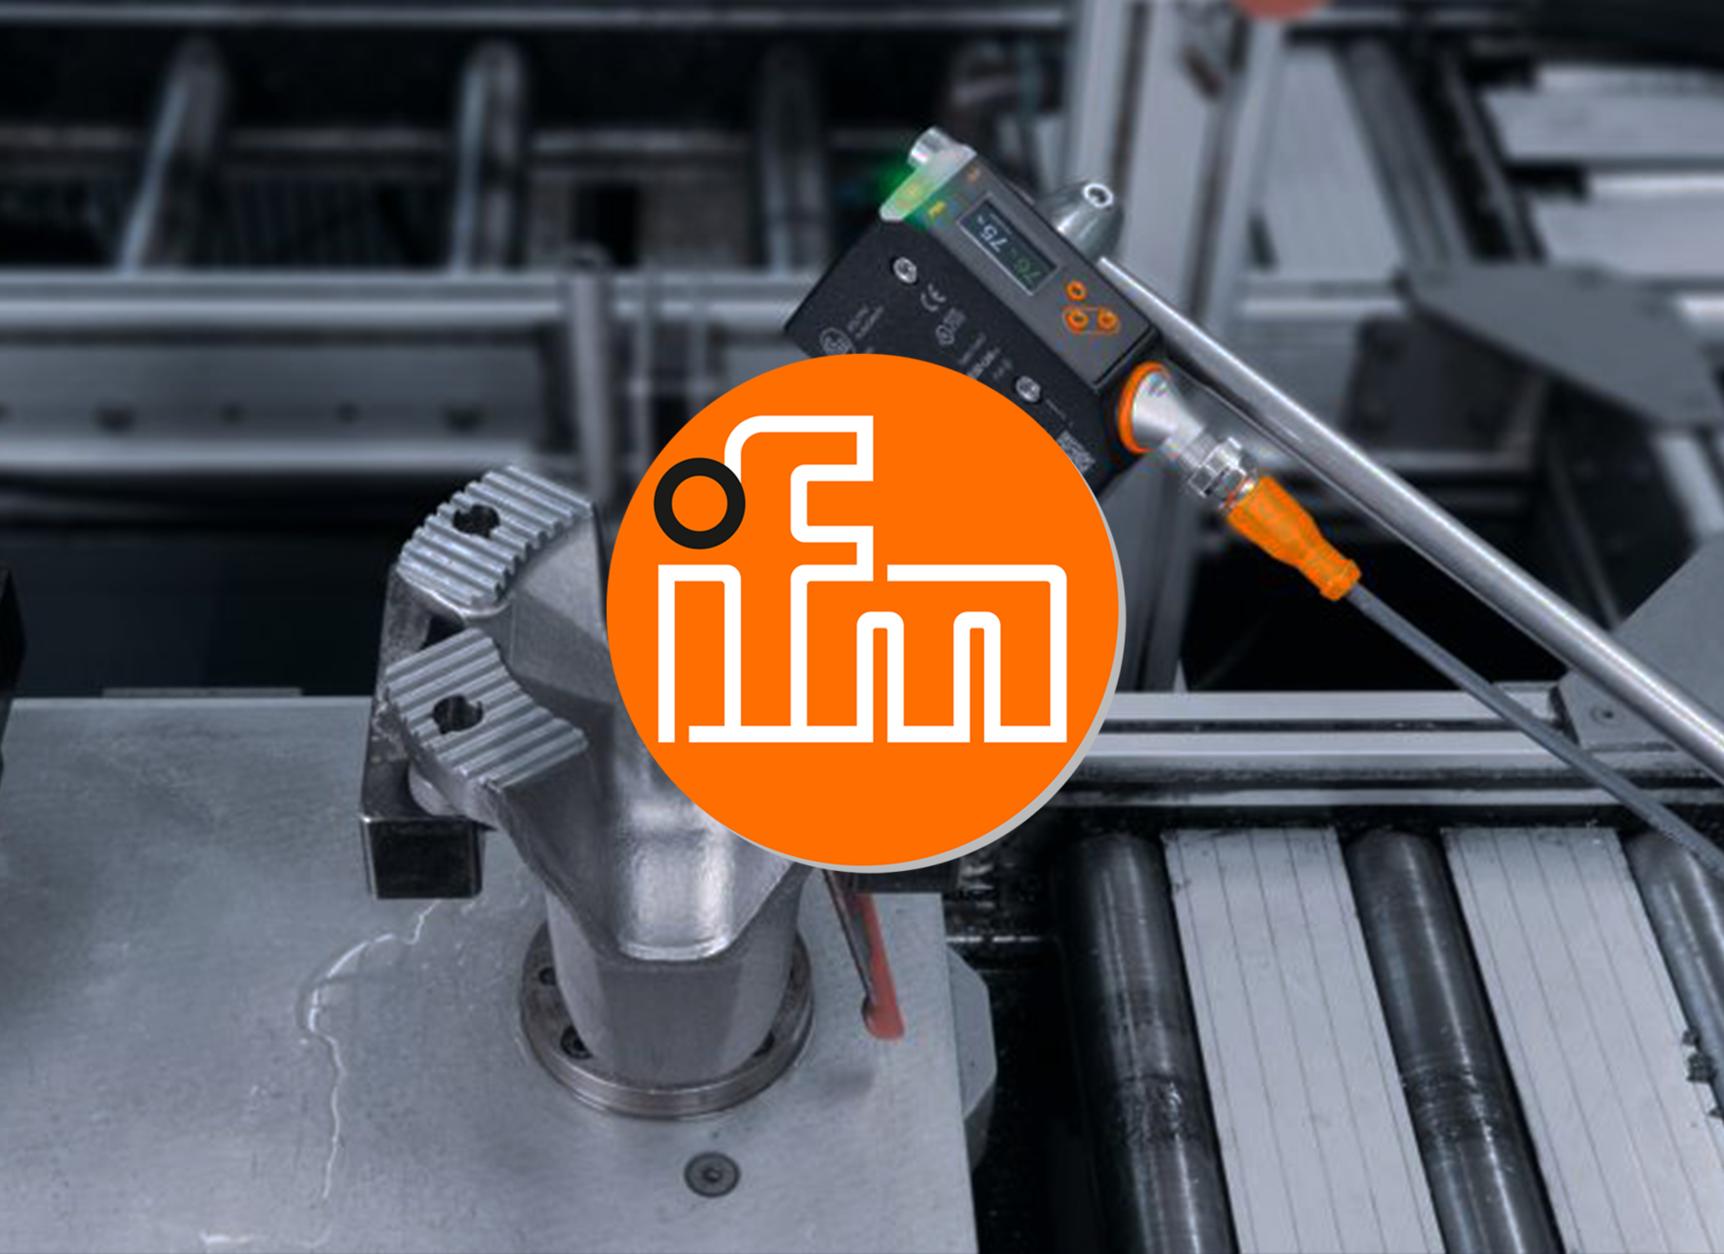 Globaler Sensorhersteller ifm: diva-e entwickelt Download-Center für einfache Software-Verwaltung